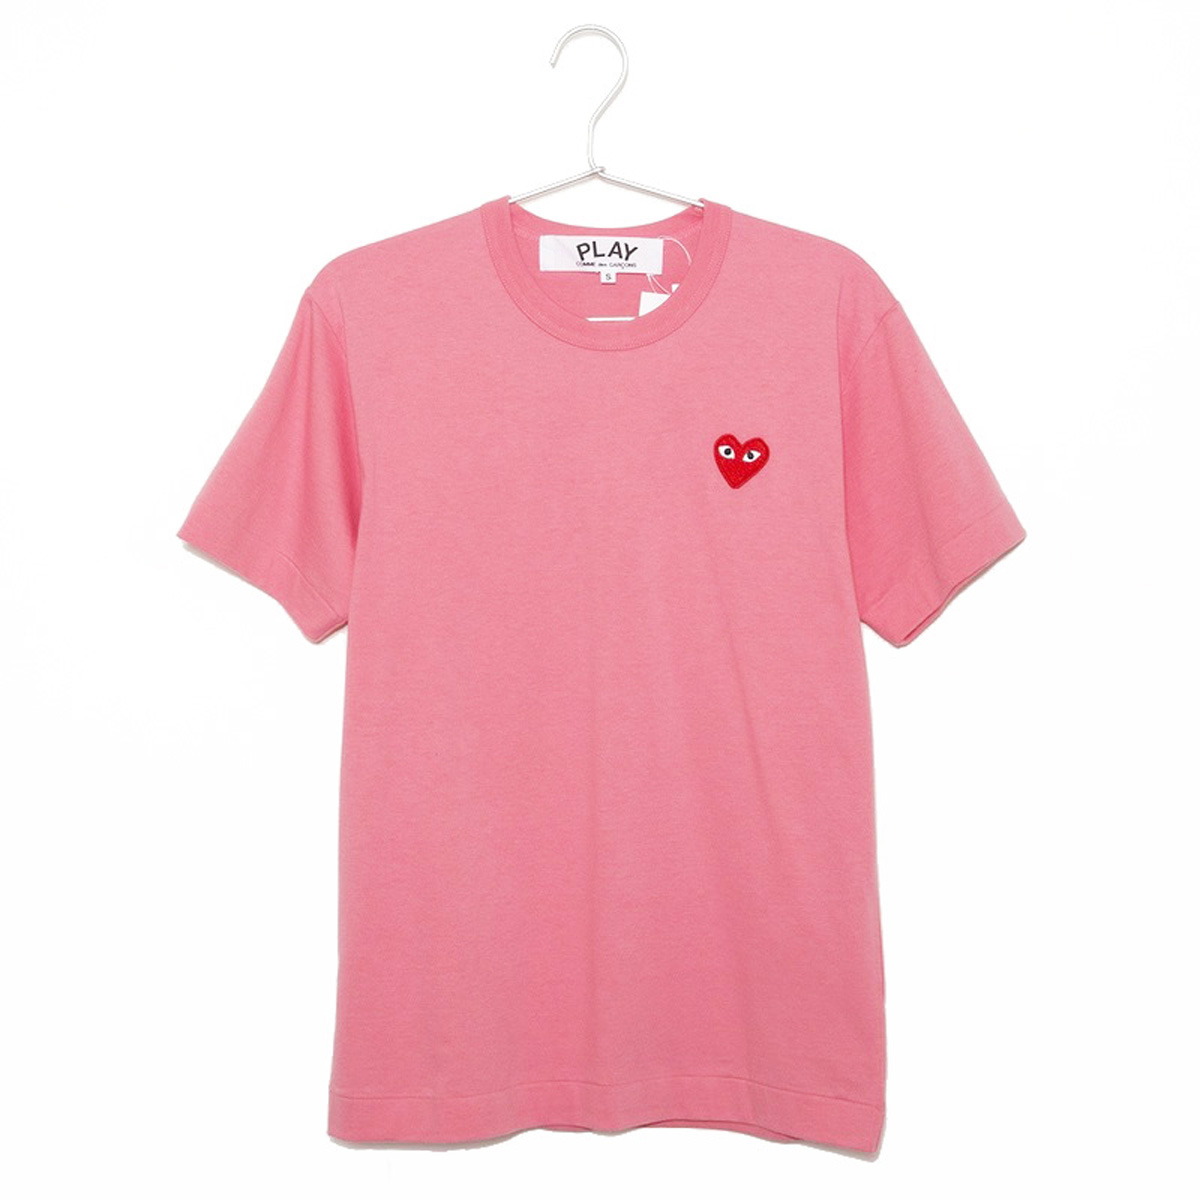 コムデギャルソン Tシャツ メンズ 半袖 PLAY RED HEART S/S TEE プレイ レッドハート AZ-T272-051 PINK 3 ピンク+レッドハート